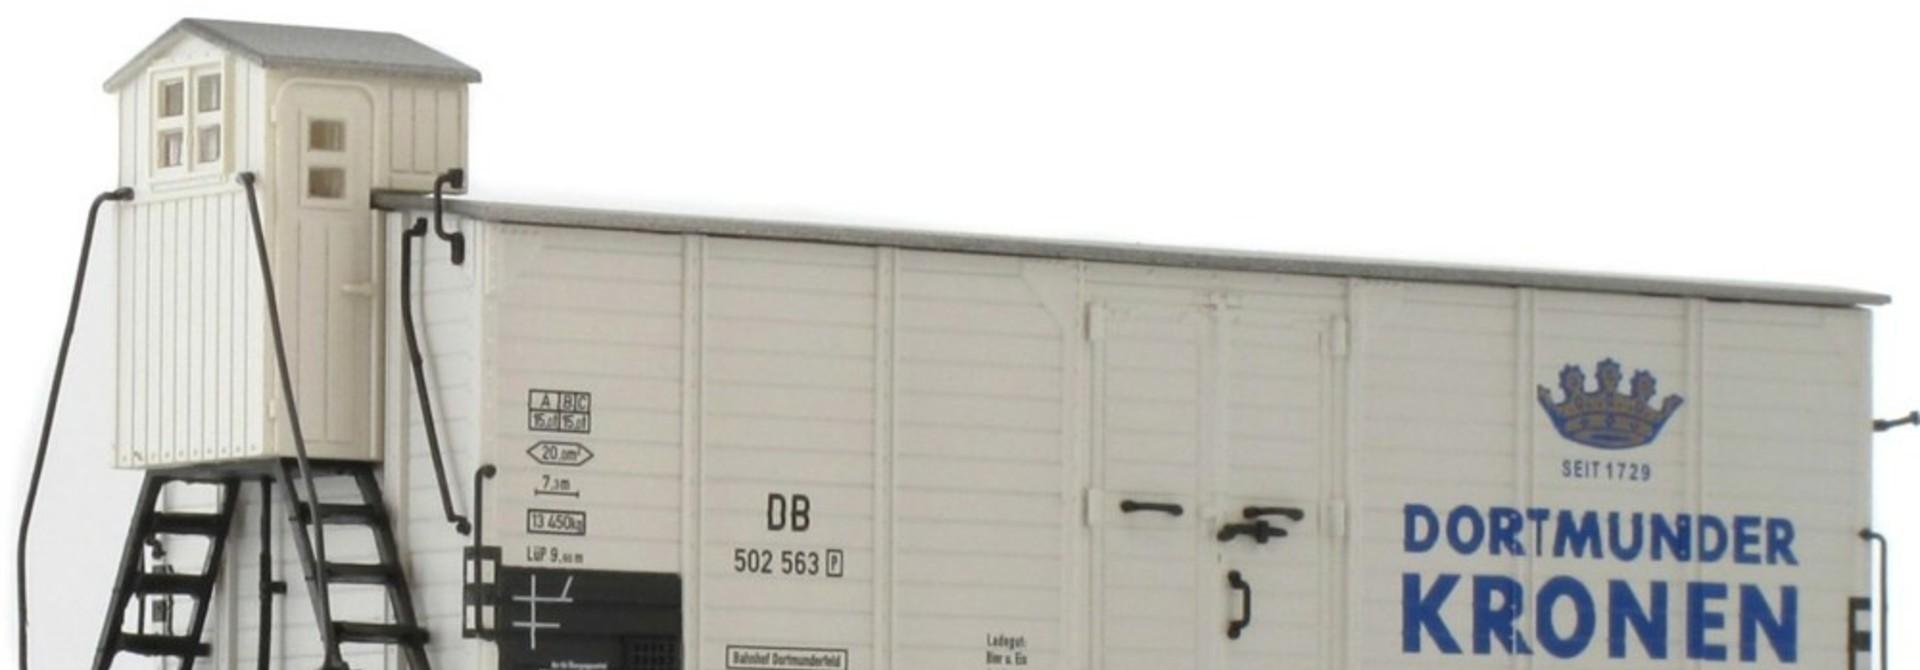 49041 Bierwagen G 10 Dortmunder Kronen